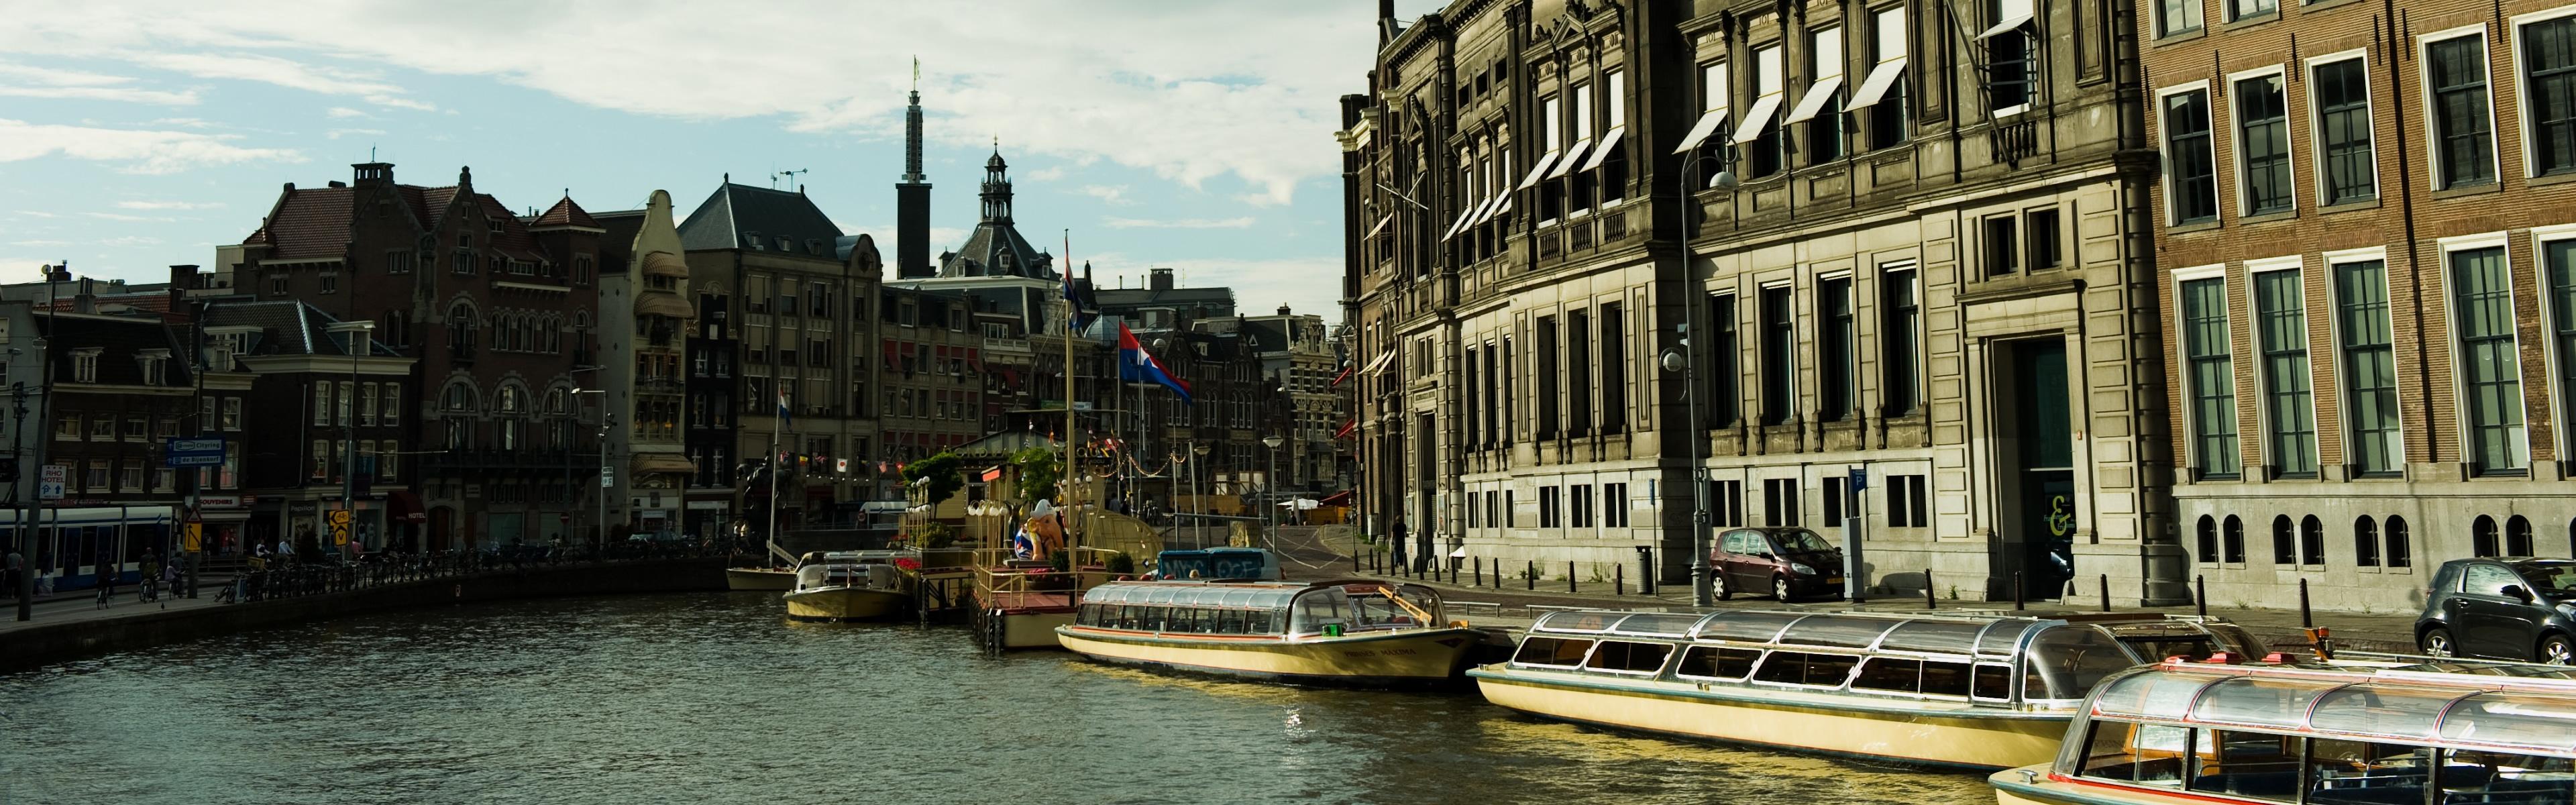 Rokin-Amsterdam-iphone-panoramic-wallpaper-ilikewallpaper_com